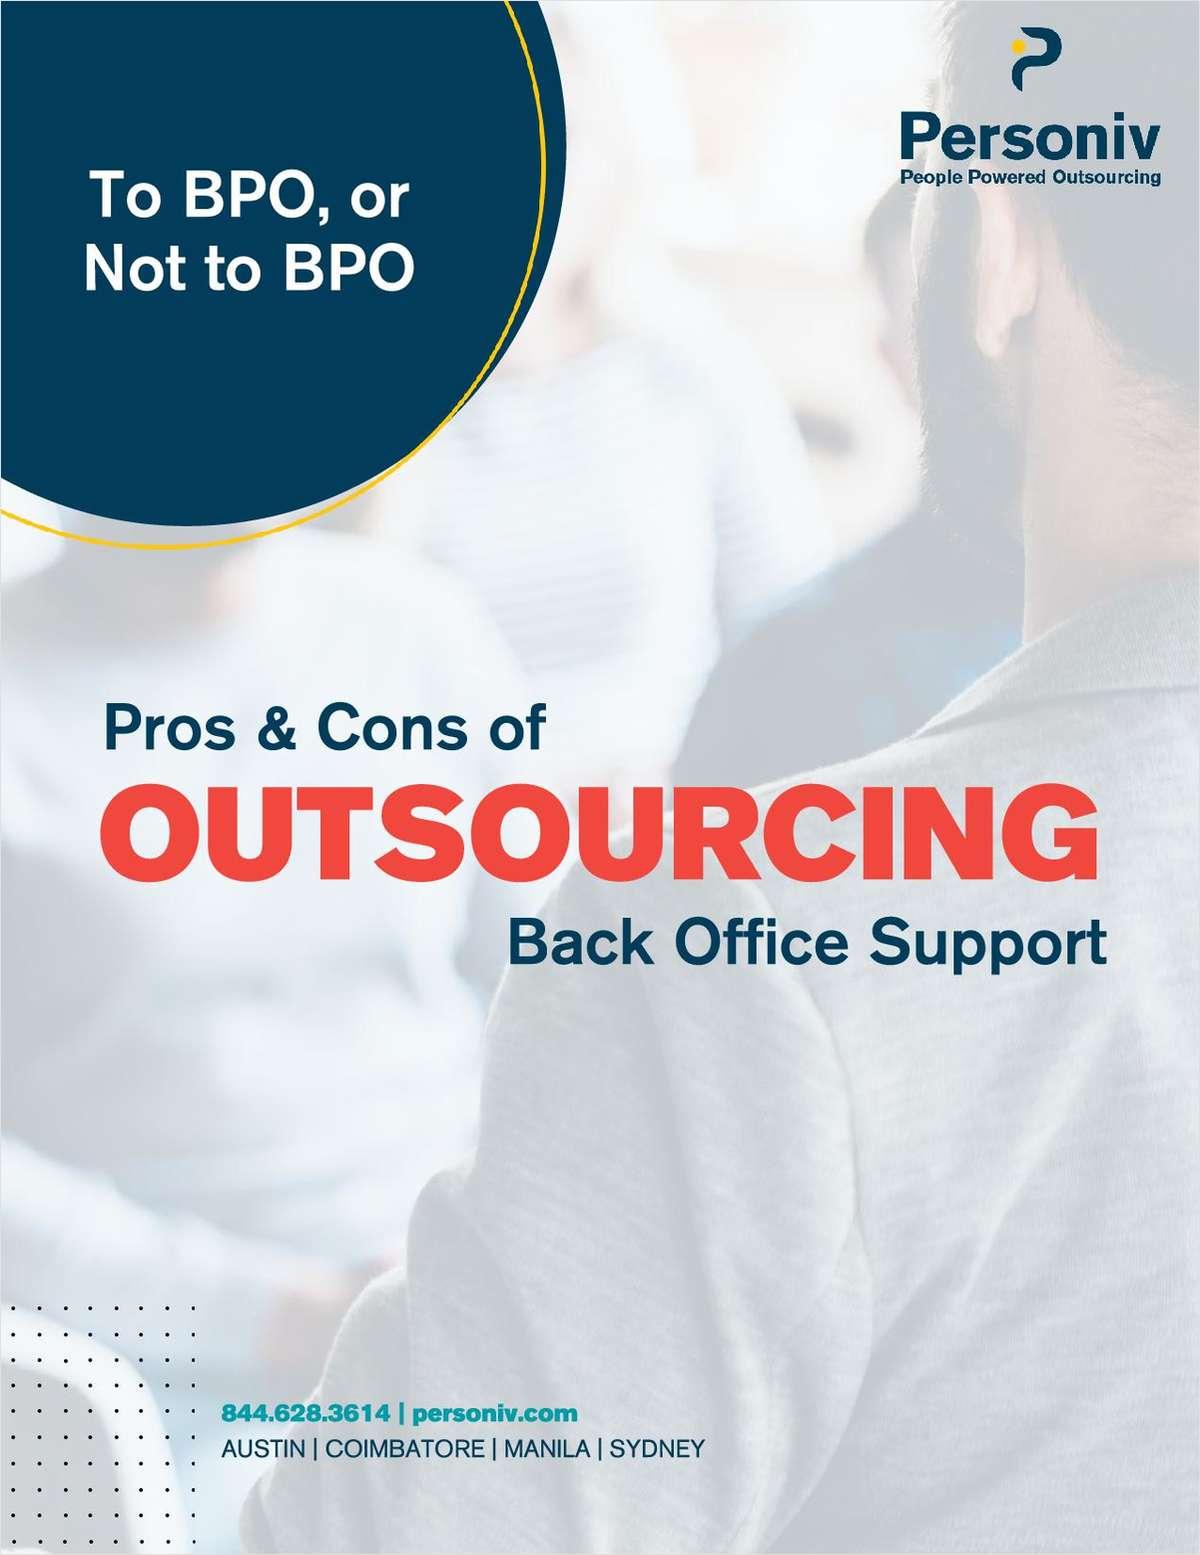 To BPO or Not to BPO